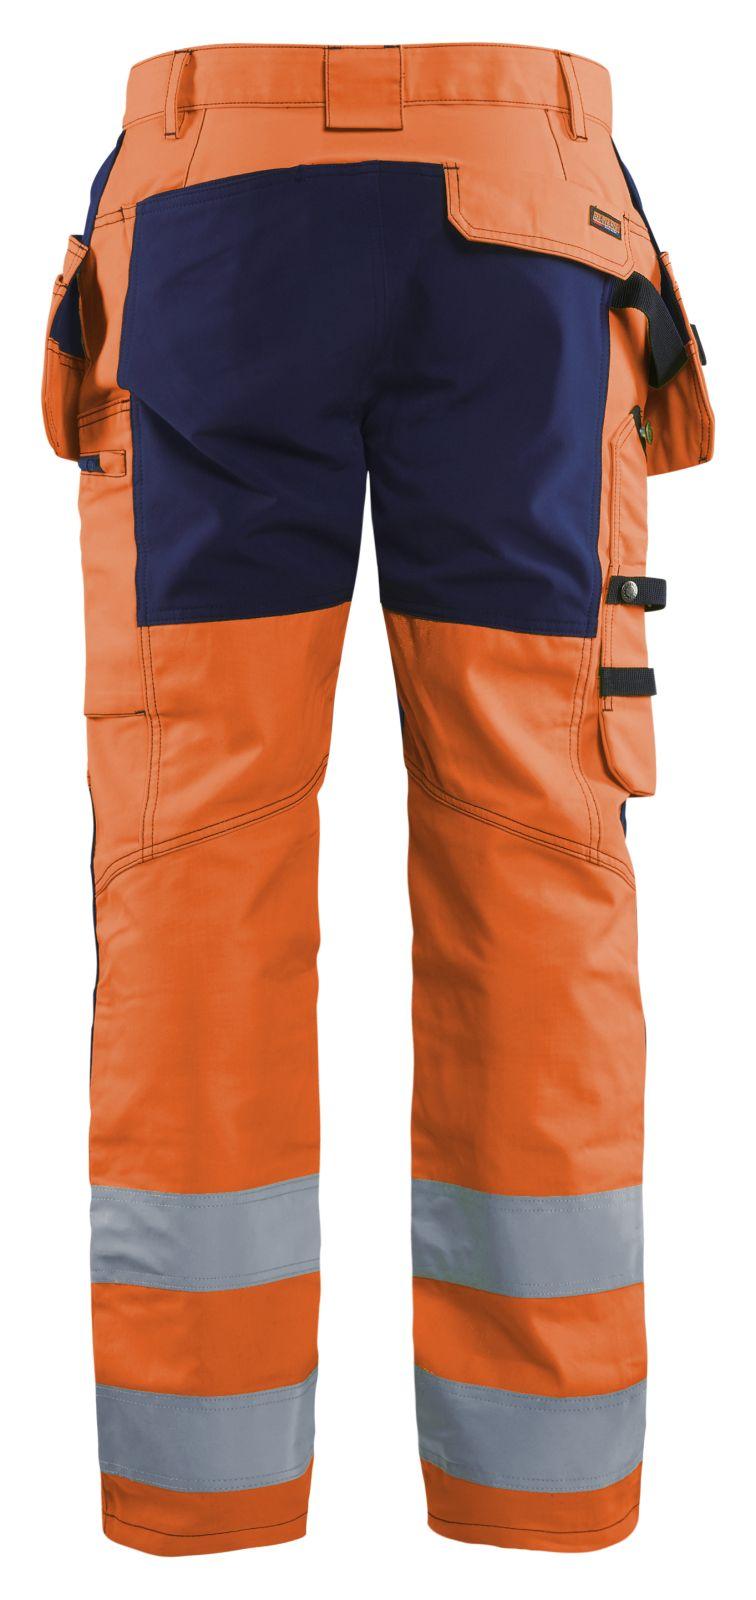 Blaklader Softshell werkbroeken 15521811 High Vis fluo oranje-marineblauw(5389)